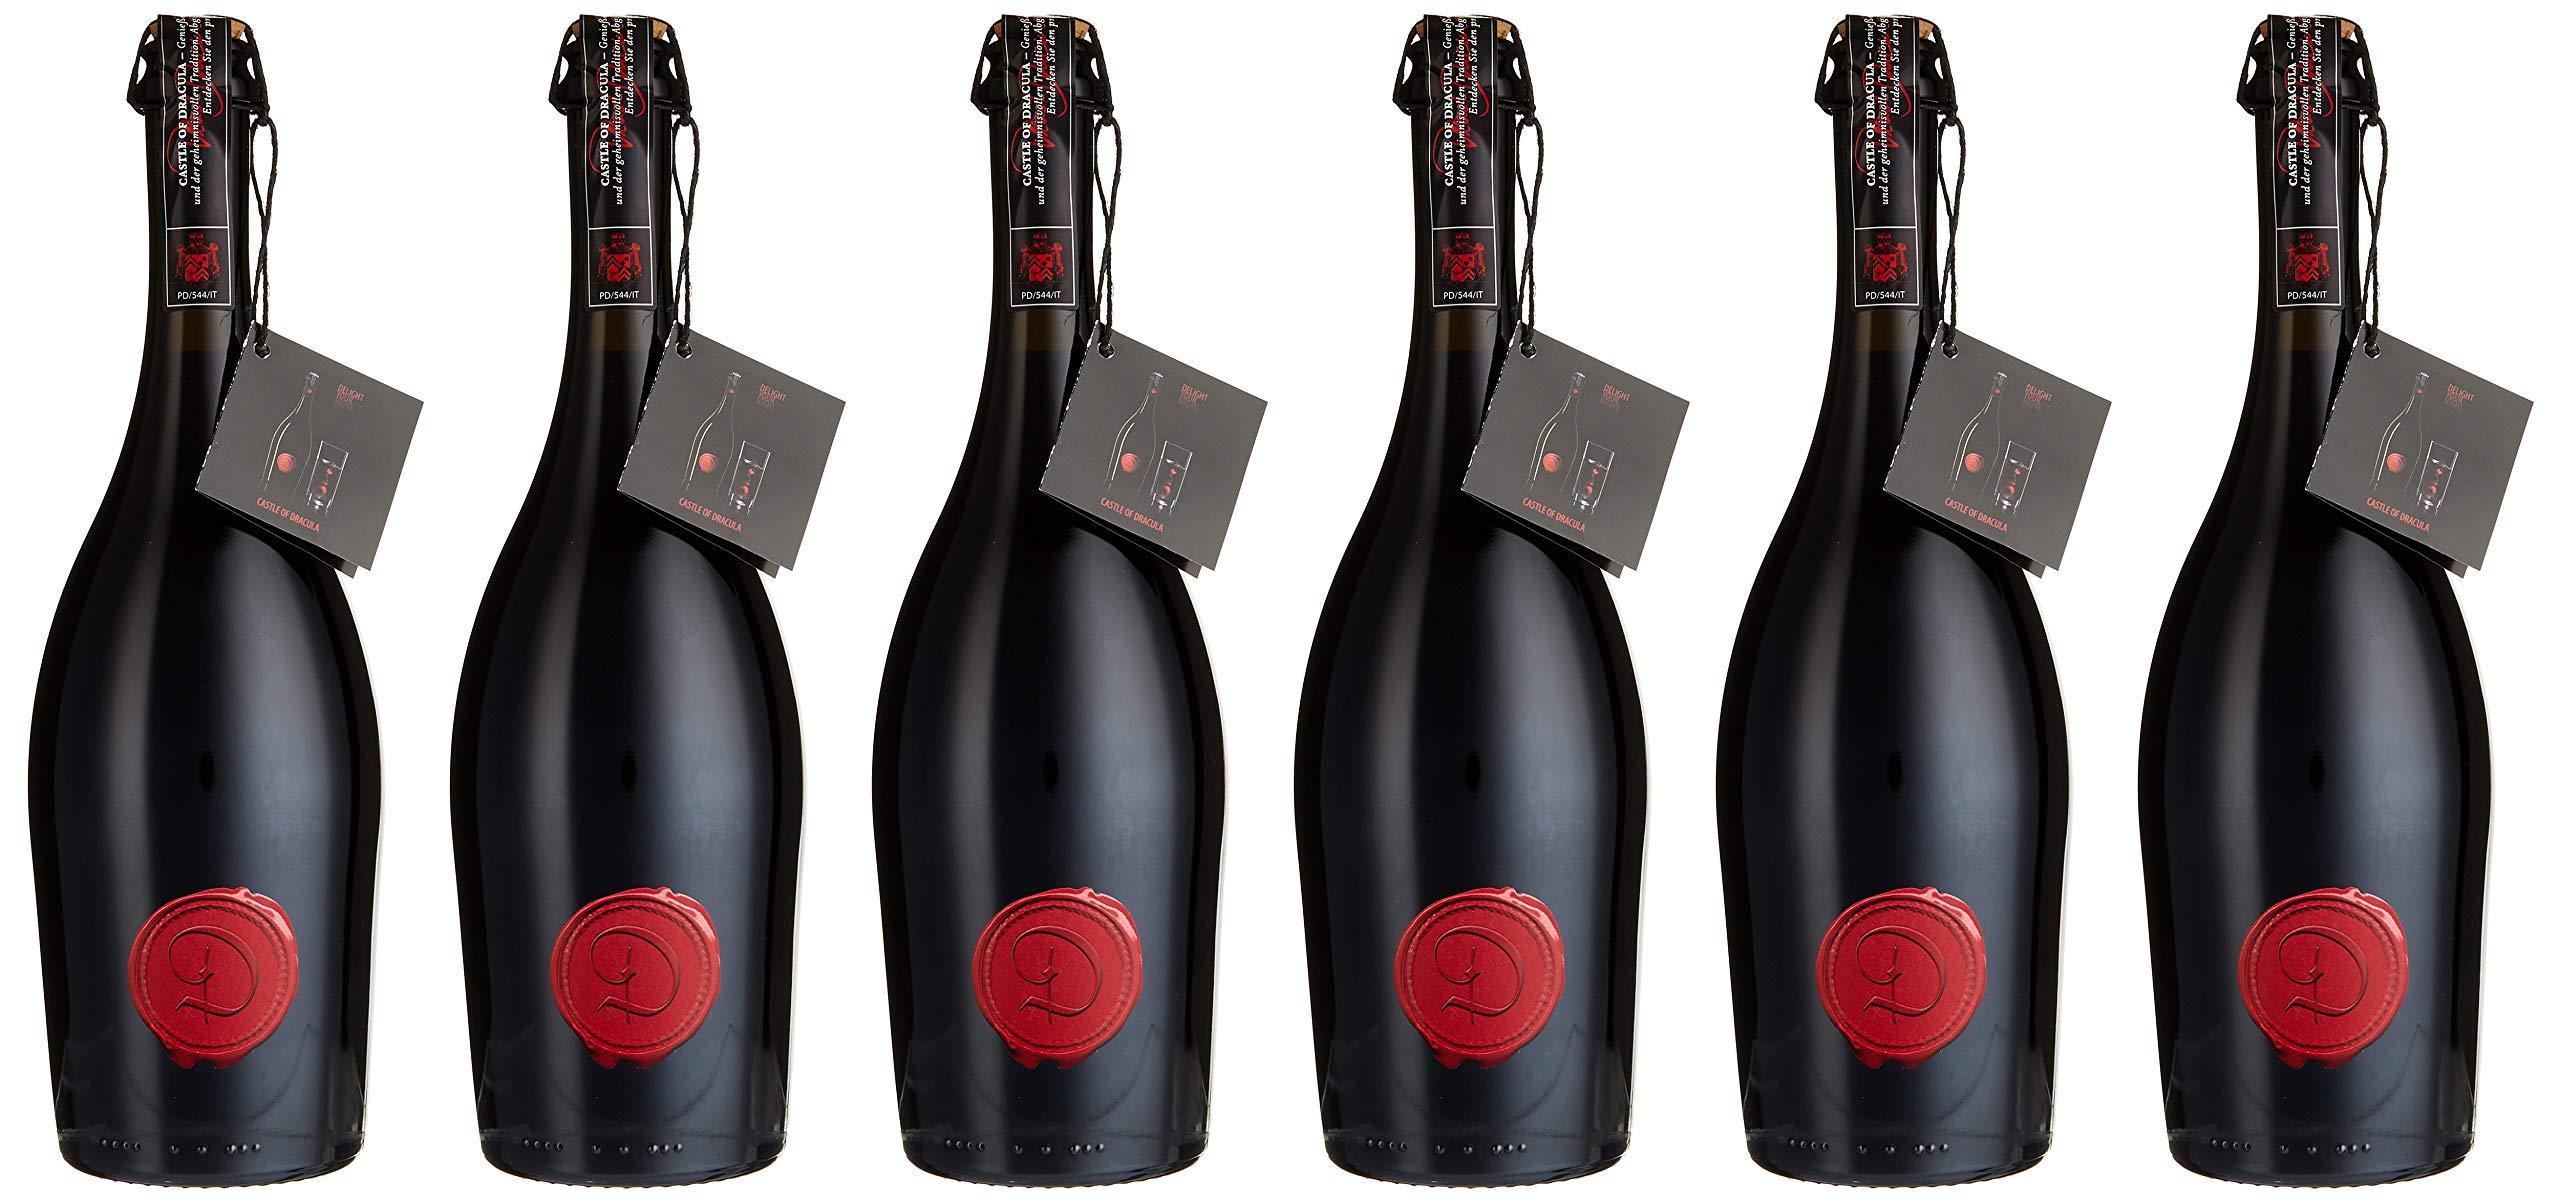 Castle-of-Dracula-Marsecco-Red-delle-Venezie-IGT-Vino-Frizzante-Semisecco-20172018-6er-Pack-6-x-750-ml